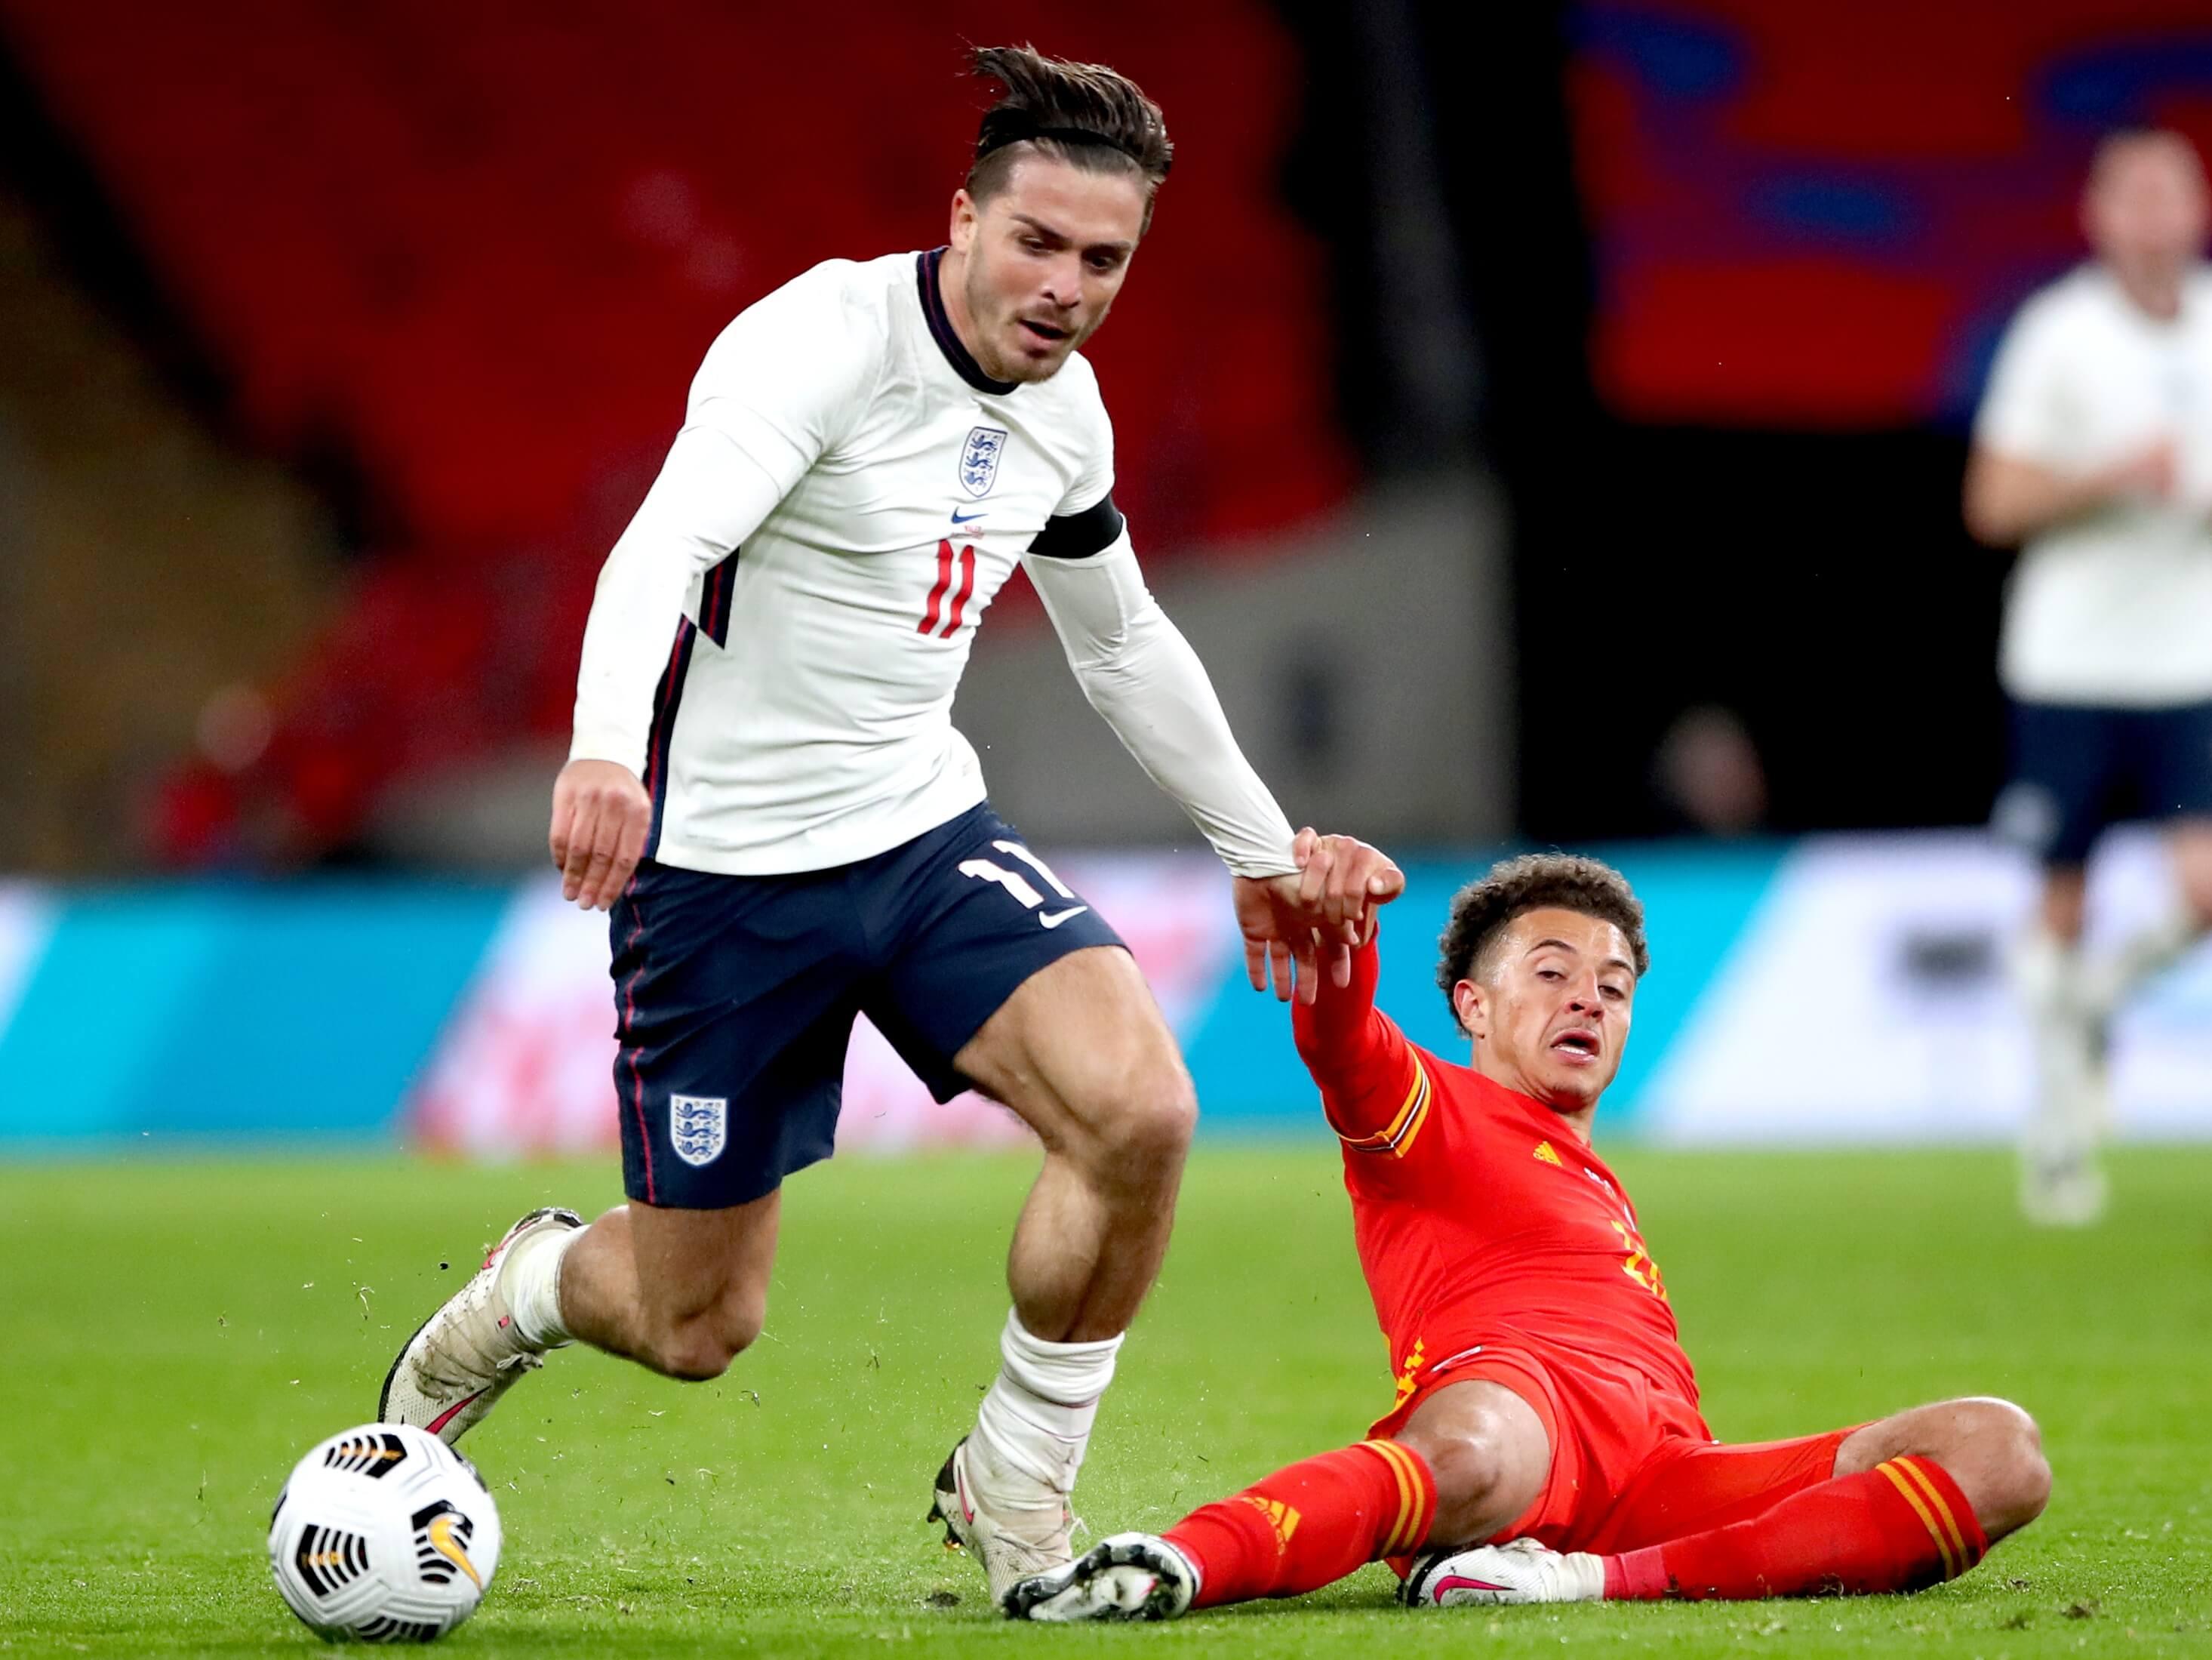 Jack Grealish for England vs Wales